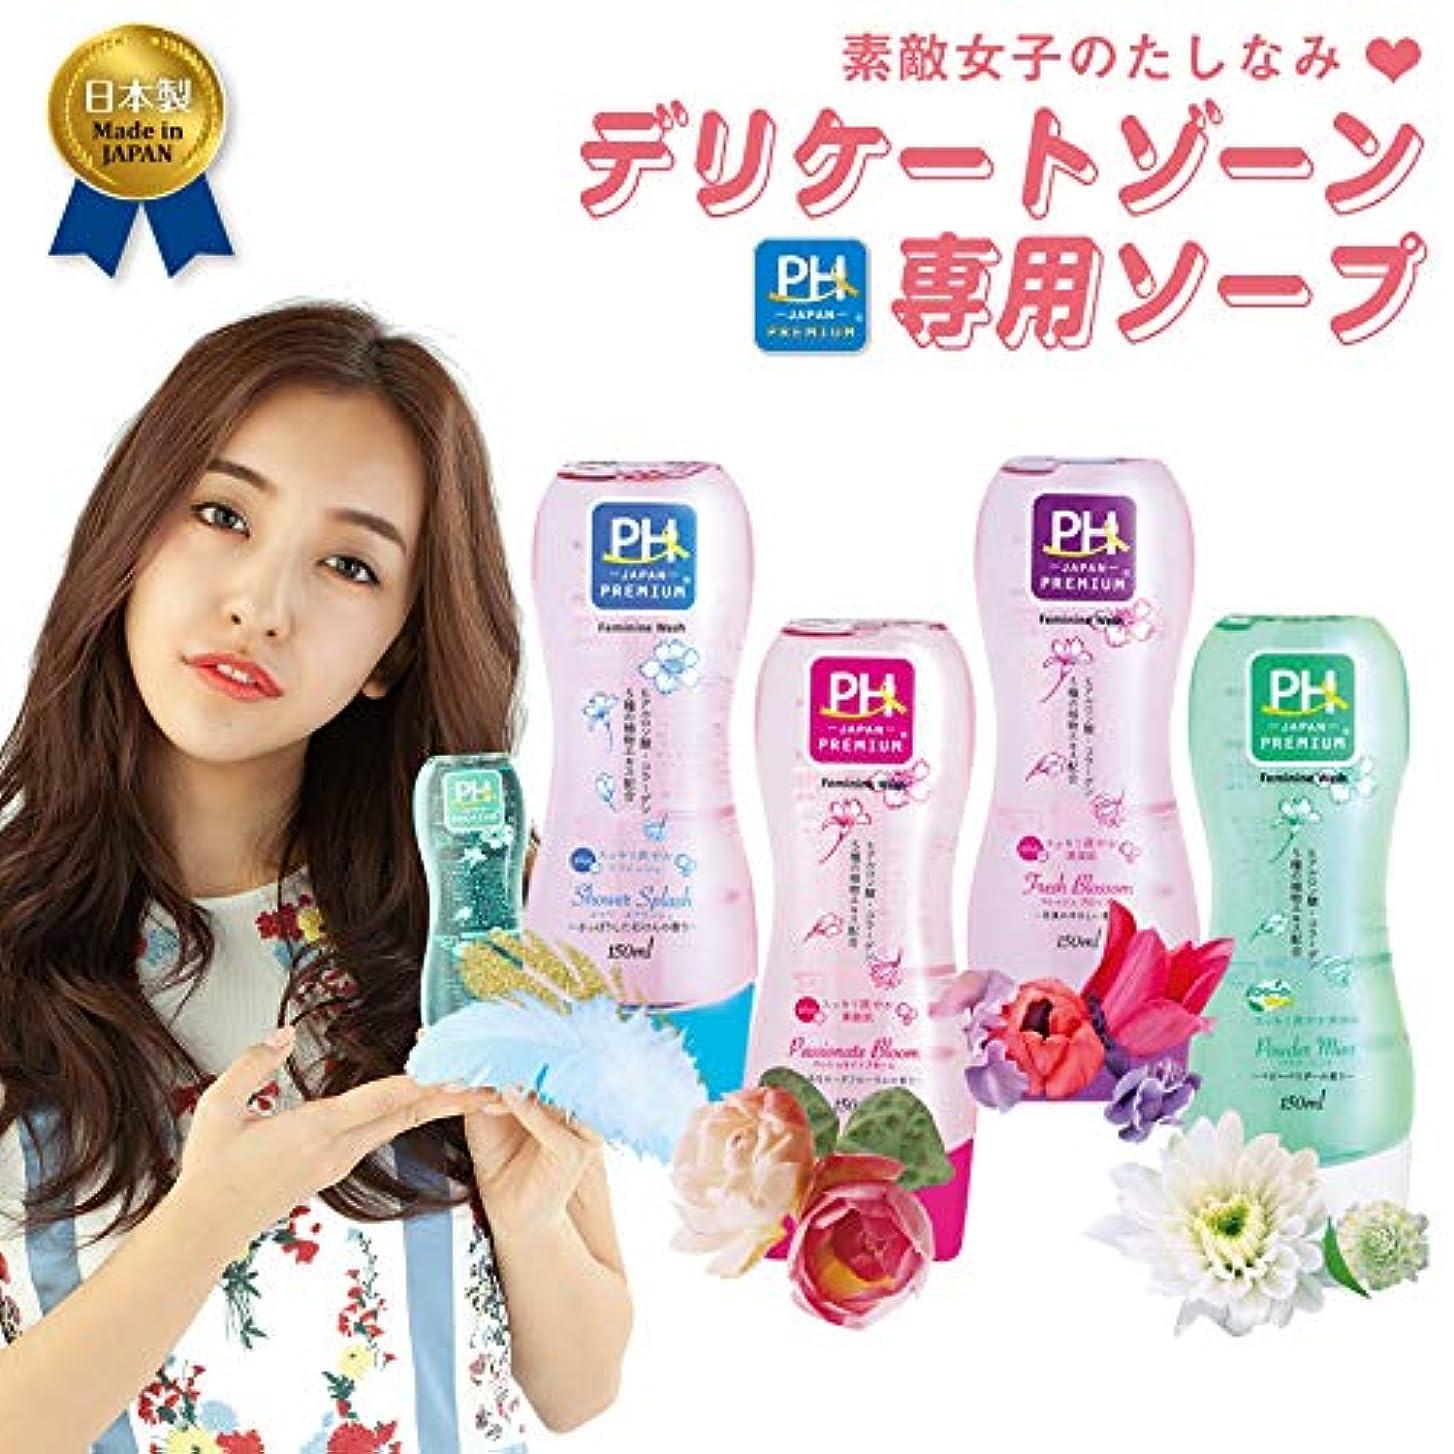 雄大なパキスタン人美容師フレッシュブロッソム2本セット PH JAPAN フェミニンウォッシュ 花束のやさしい香り